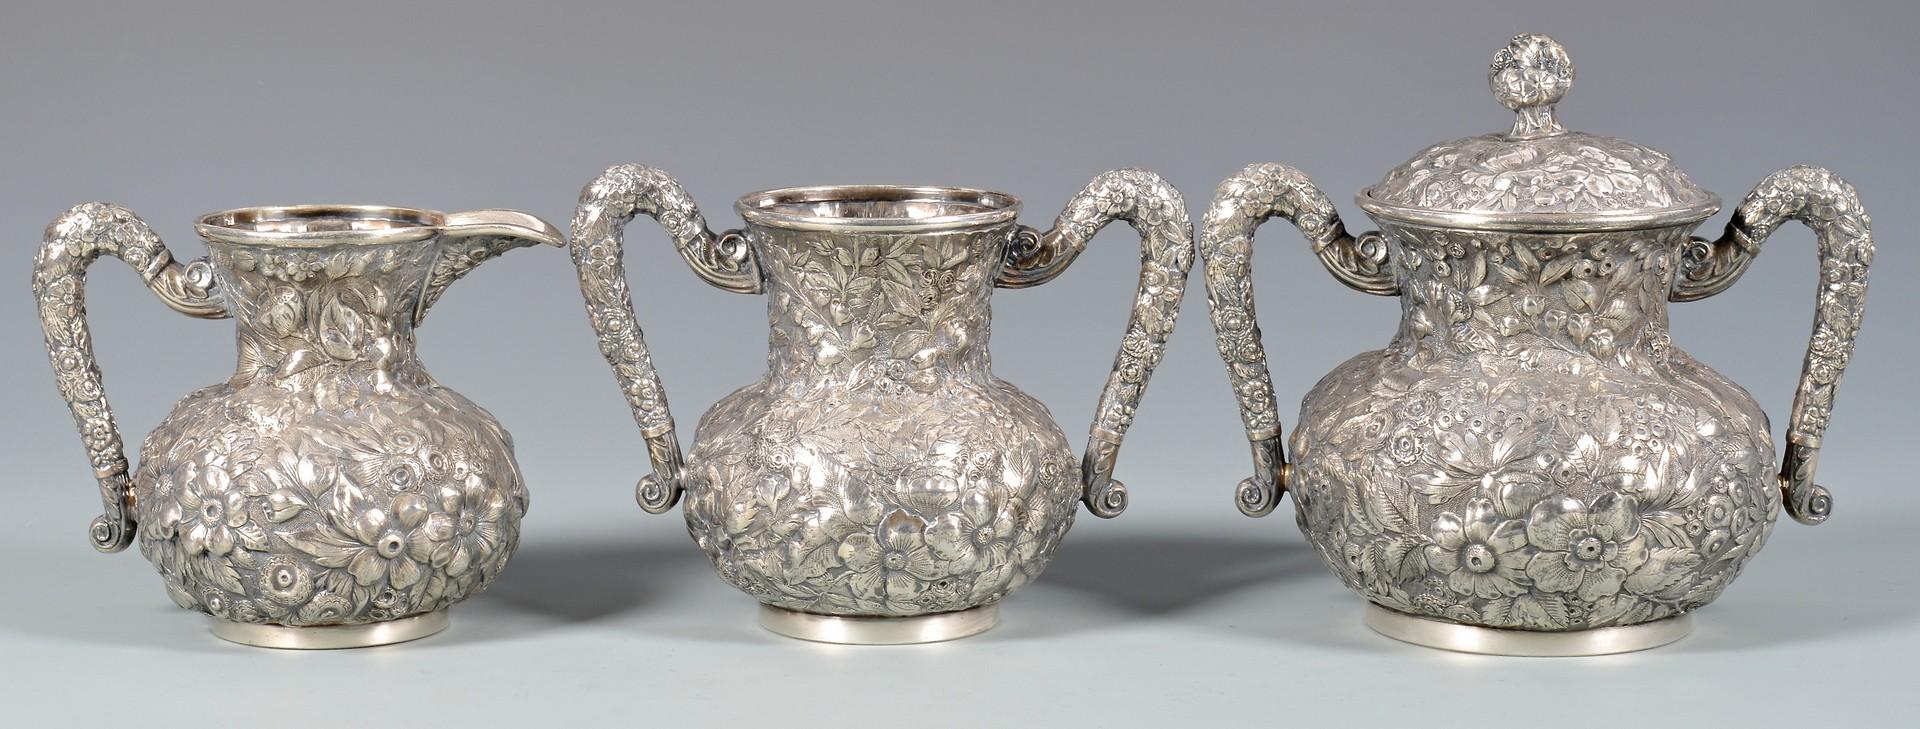 Lot 891: Victorian Tea Service w/ Urn, Tray, Salts